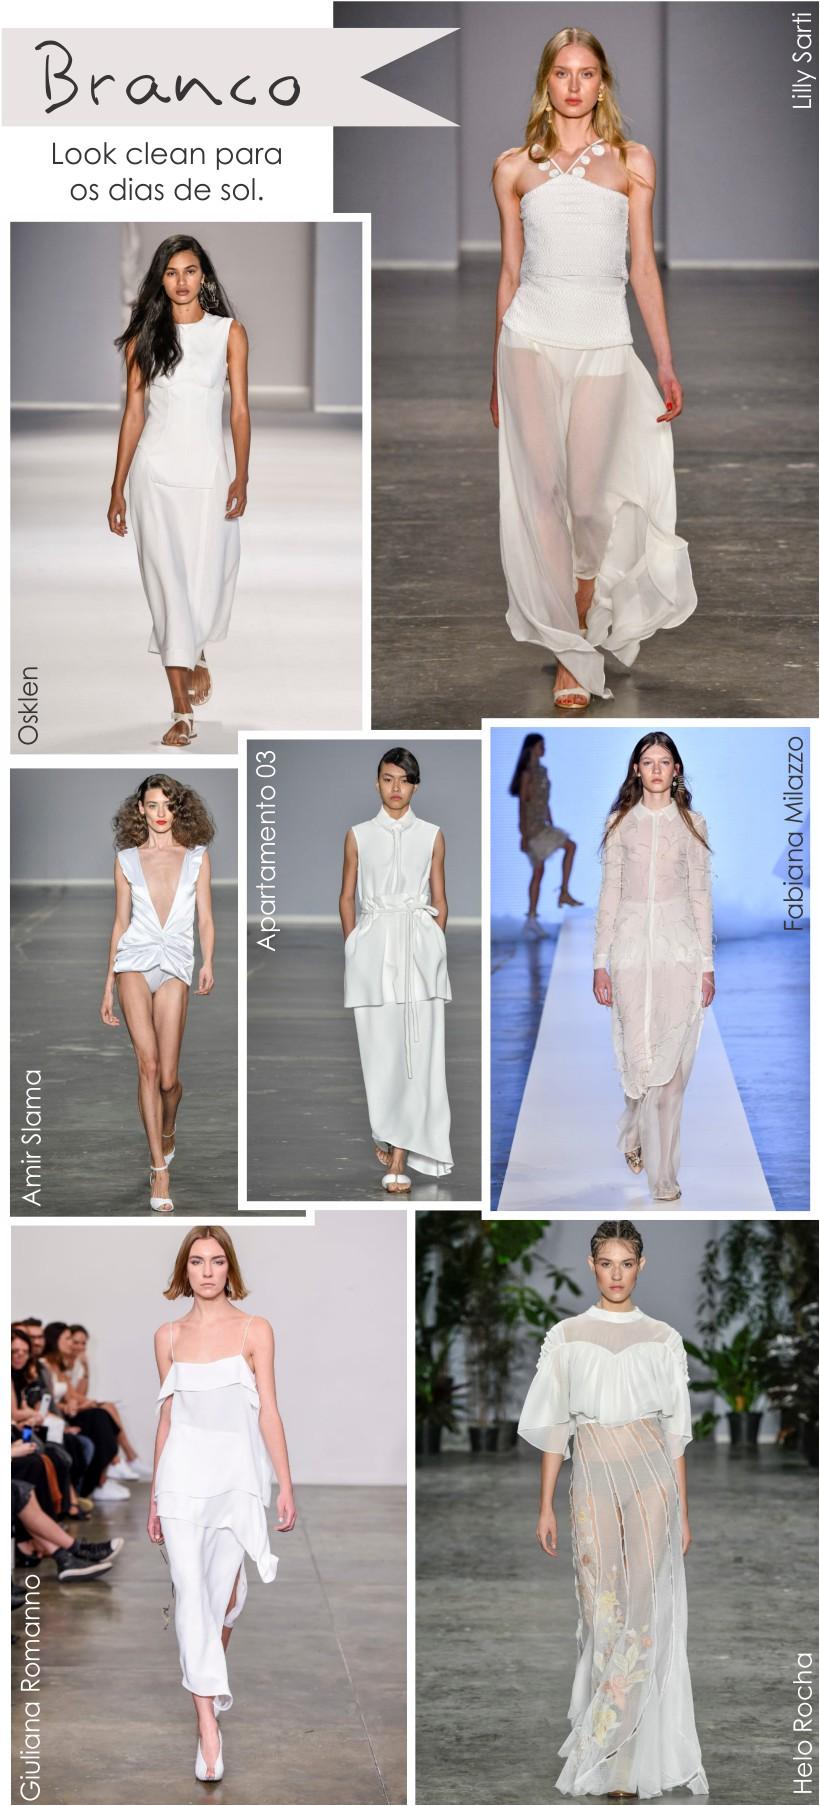 Branco é tendência do SPFW N44 Verão 2018